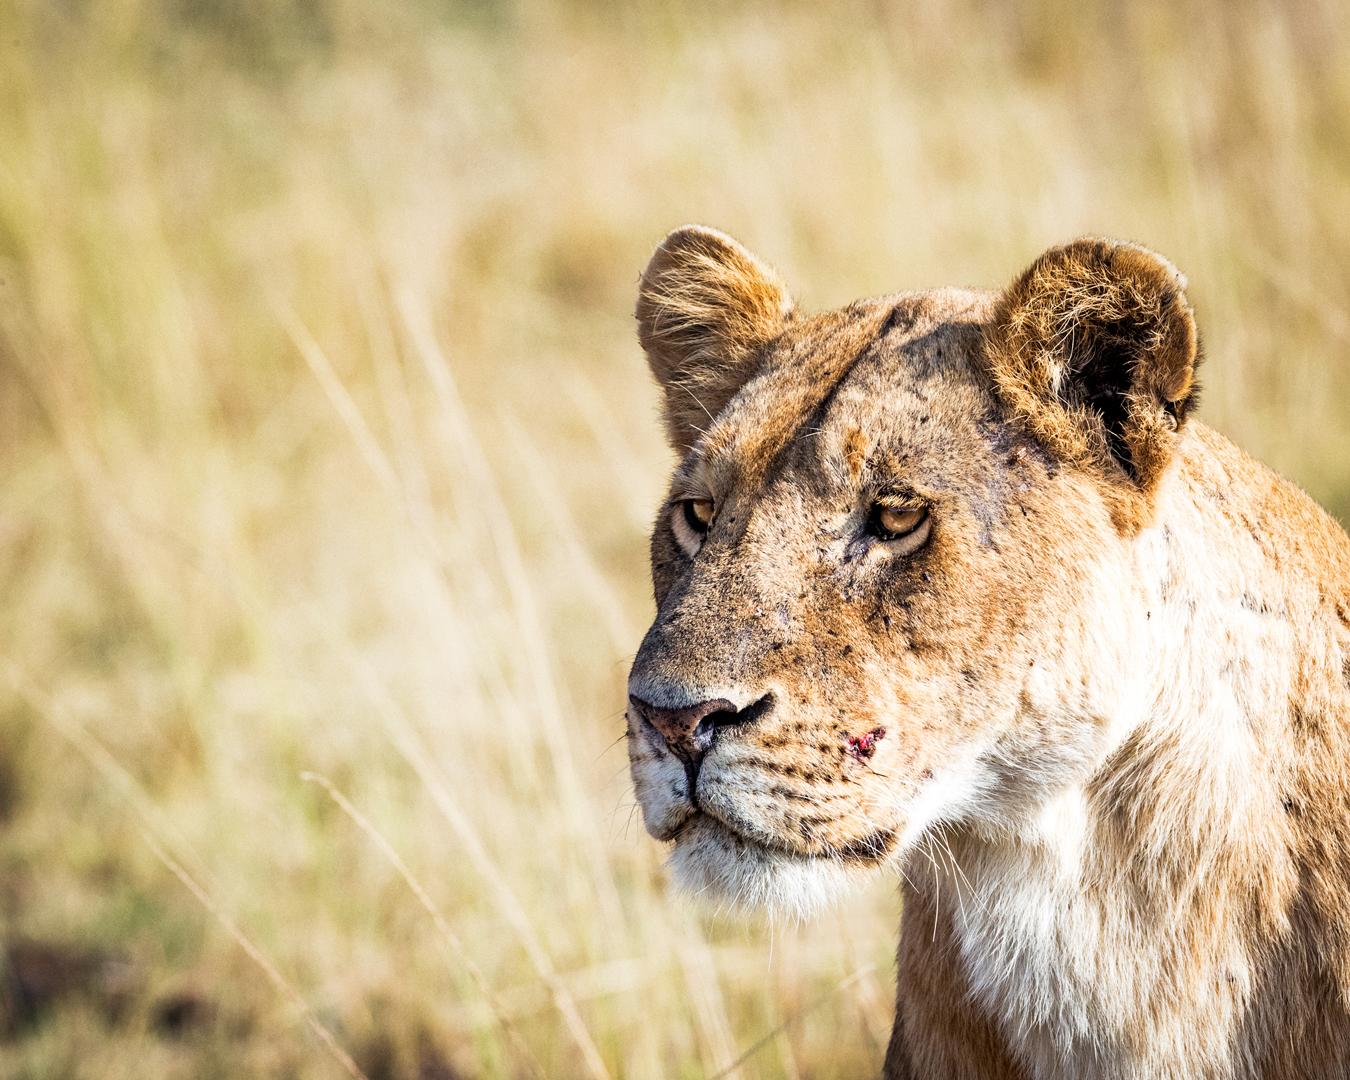 Closeup Lioness - Copyspace in Blurred Background.jpg